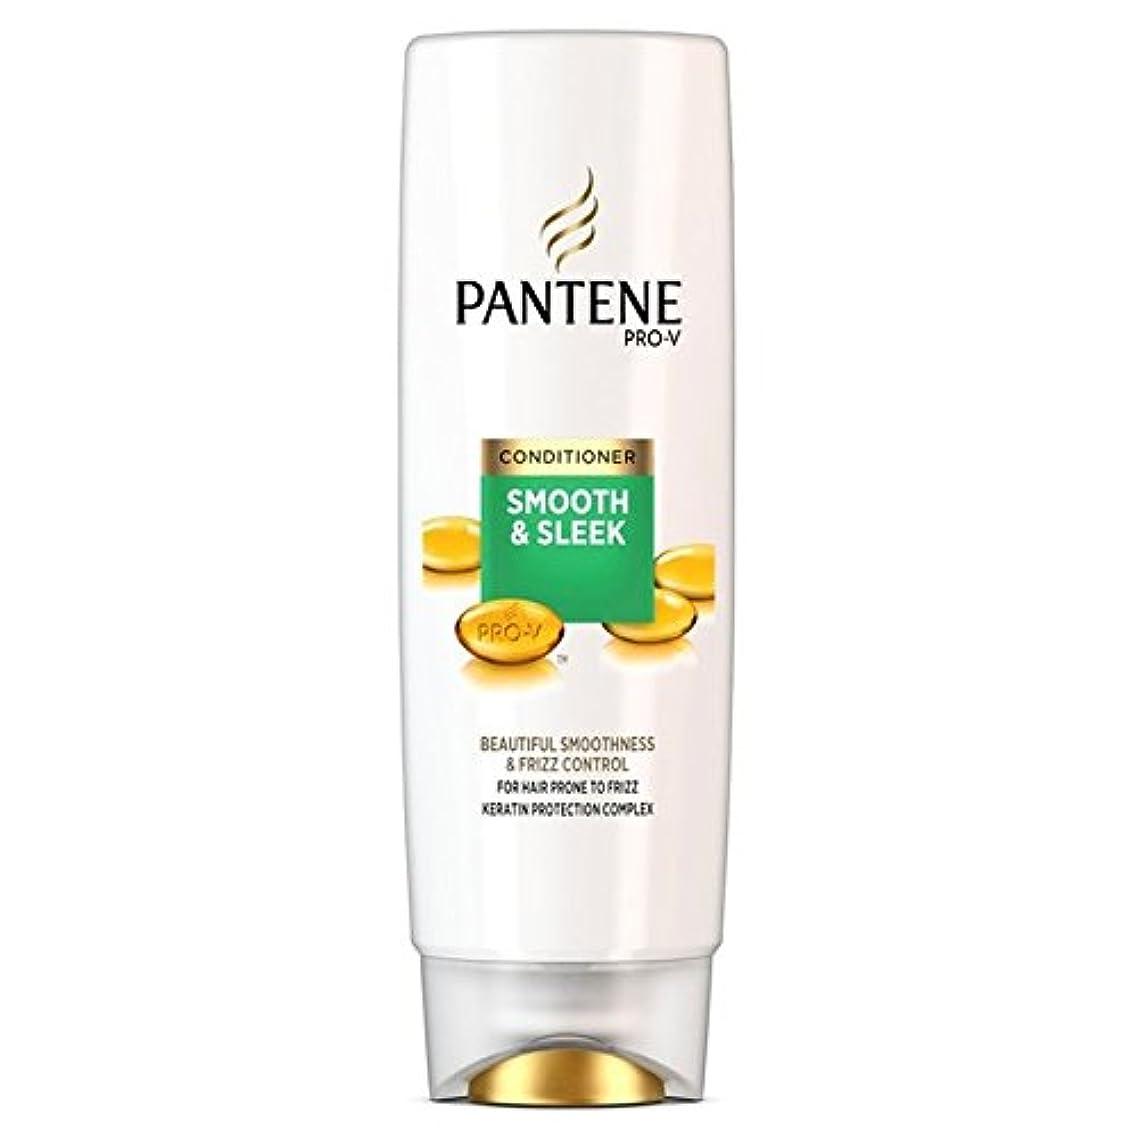 コンテンポラリー季節部Pantene Conditioner Smooth & Sleek For Hair Prone to Frizz 250ml - パンテーンコンディショナースムーズ&縮れ250ミリリットルを受けやすい髪になめらかな...